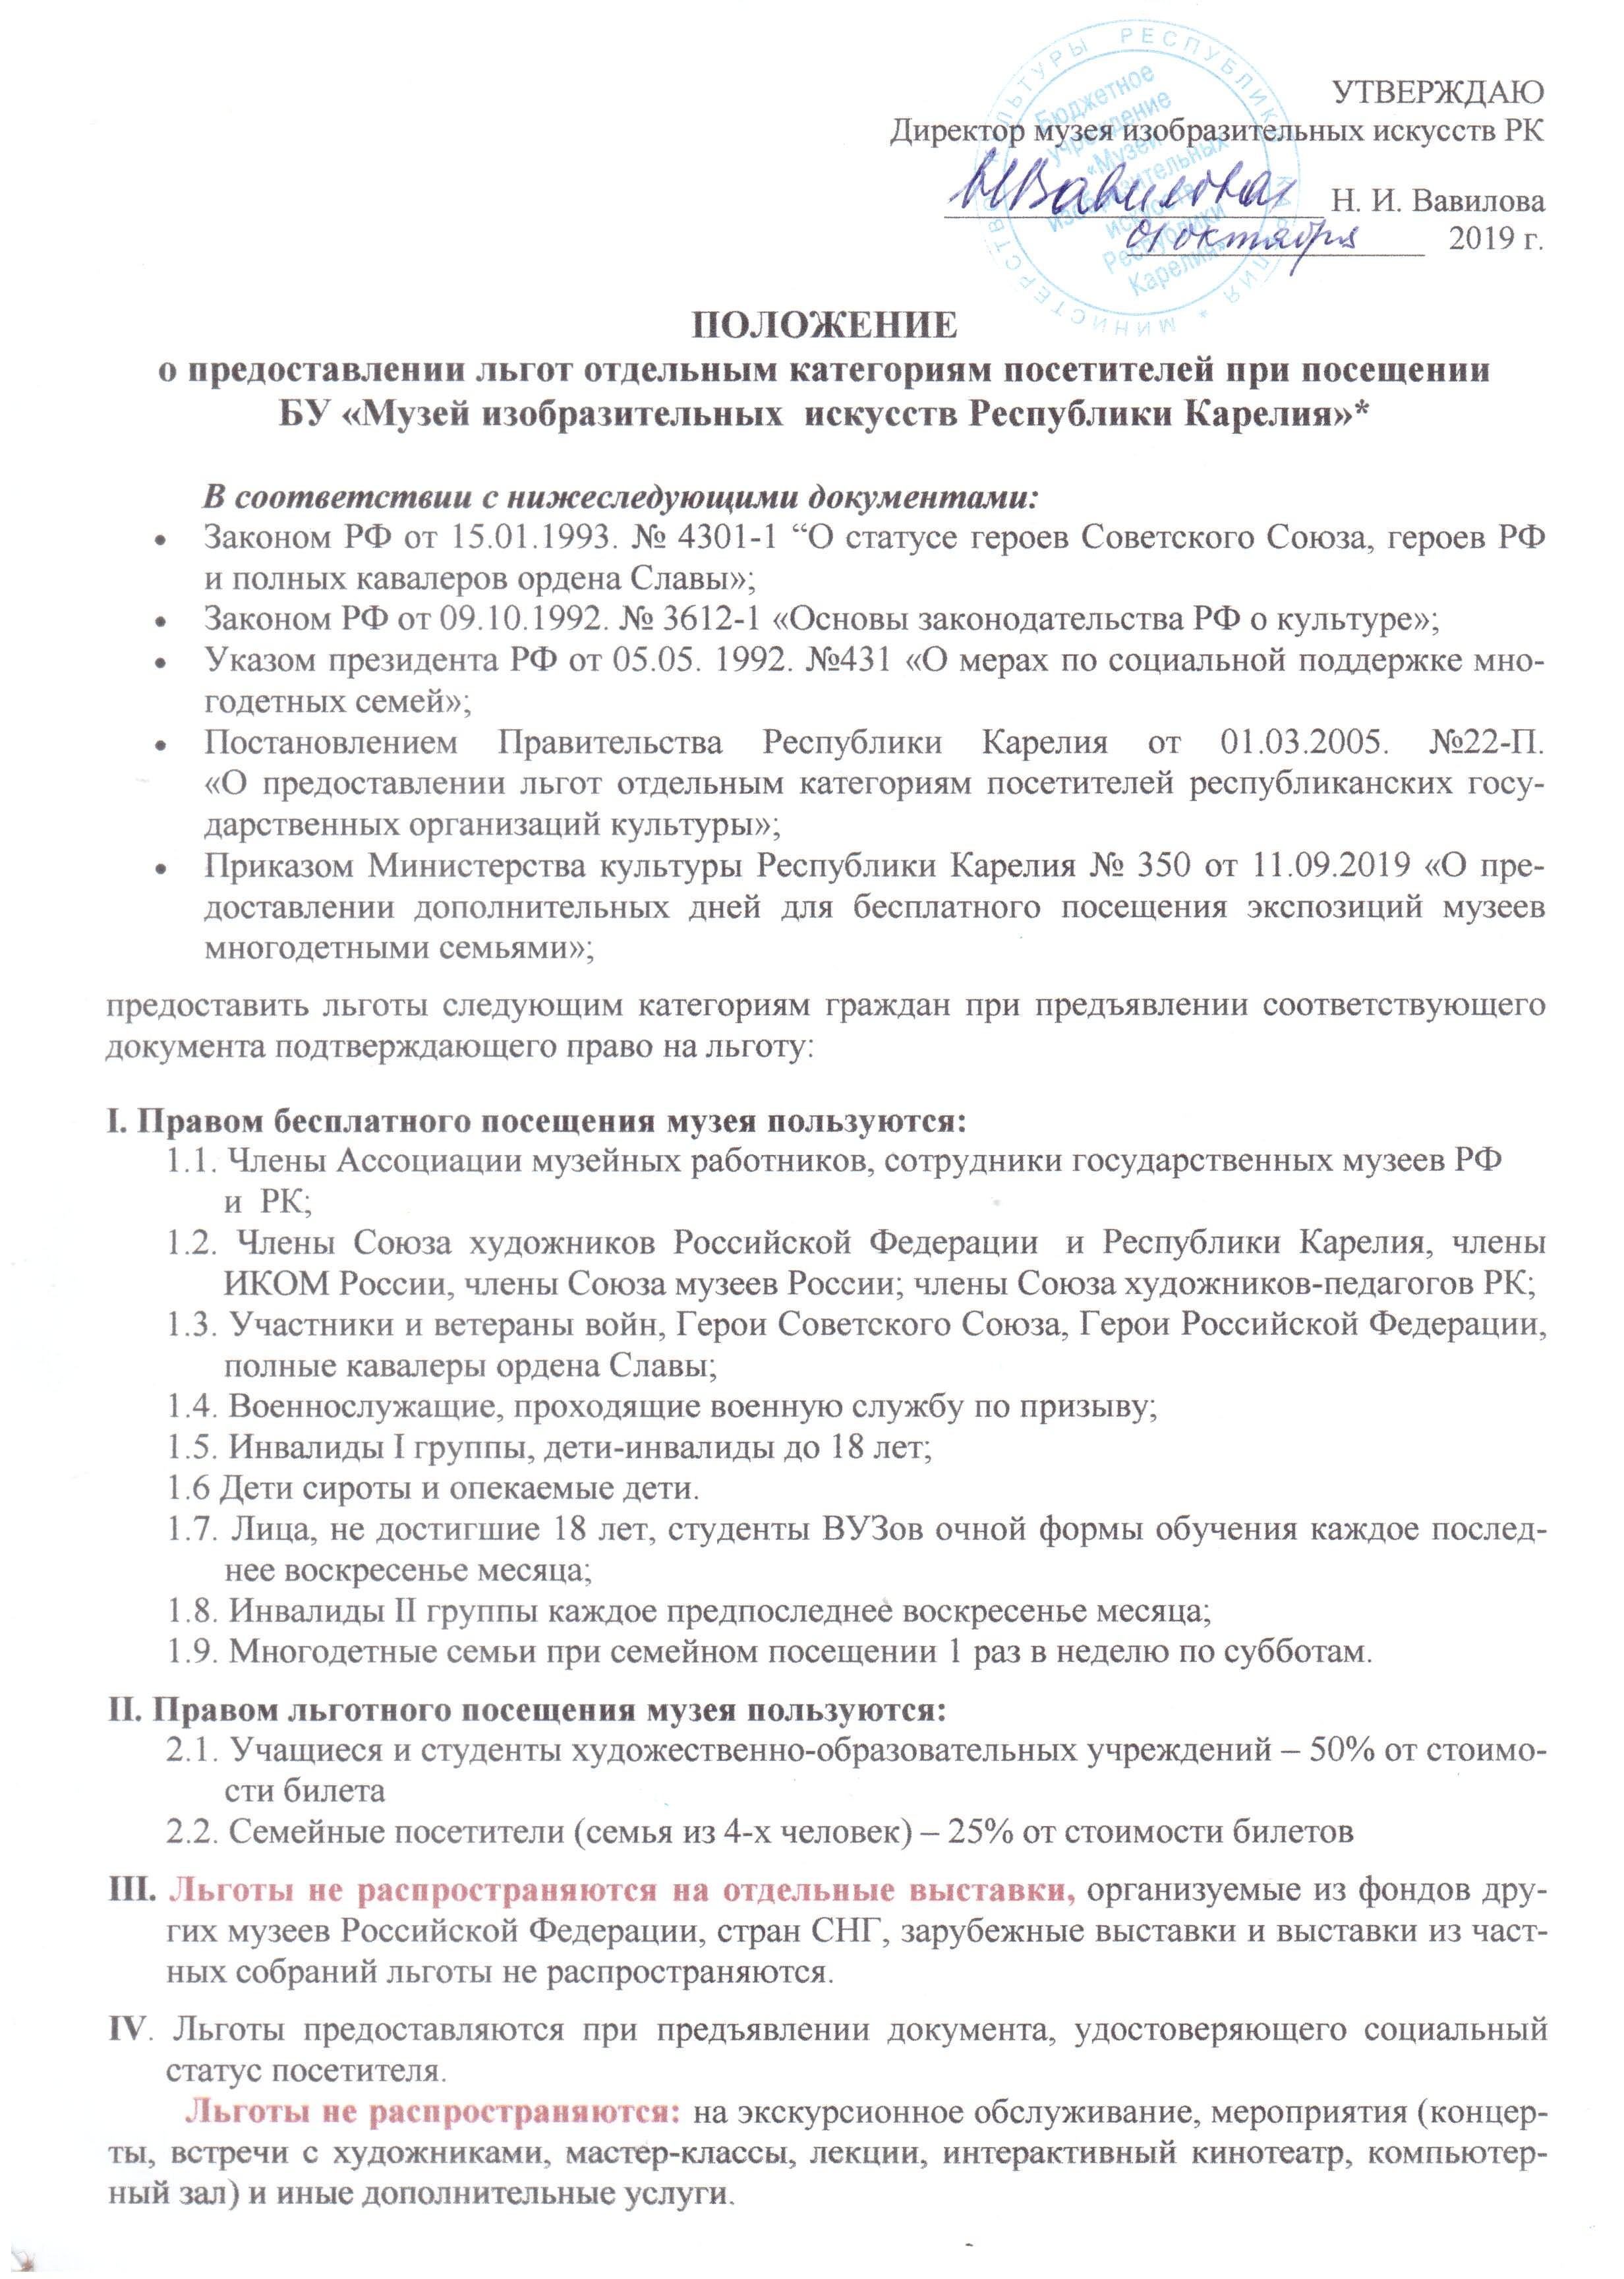 положение о льготах МИИ 2019